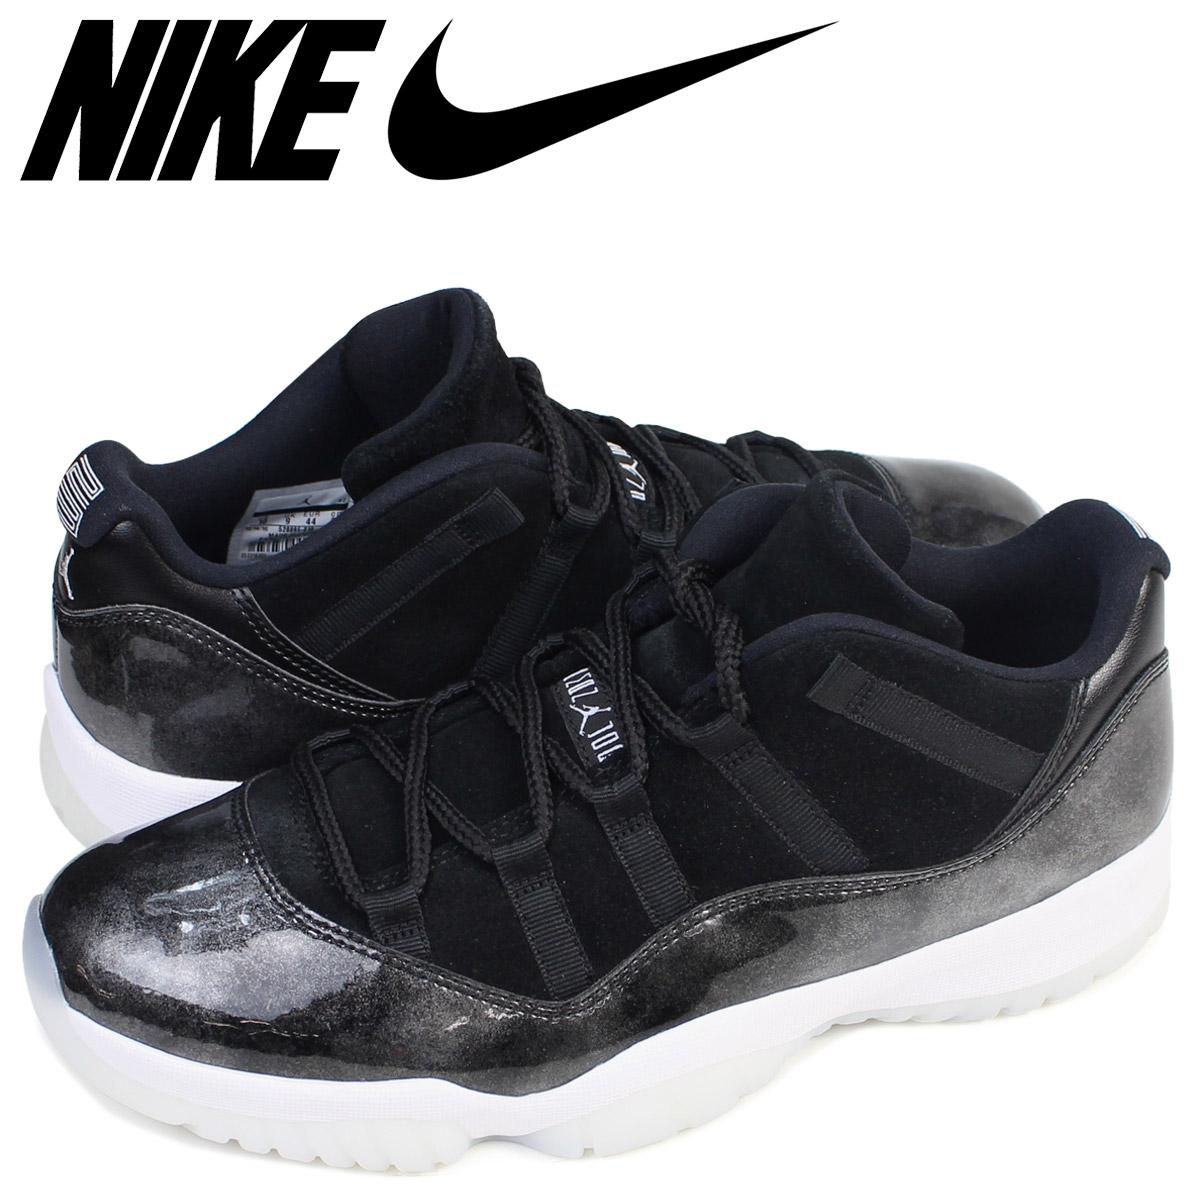 83b89332b73509 NIKE Nike Air Jordan 11 nostalgic low sneakers AIR JORDAN 11 LOW BARONS  528